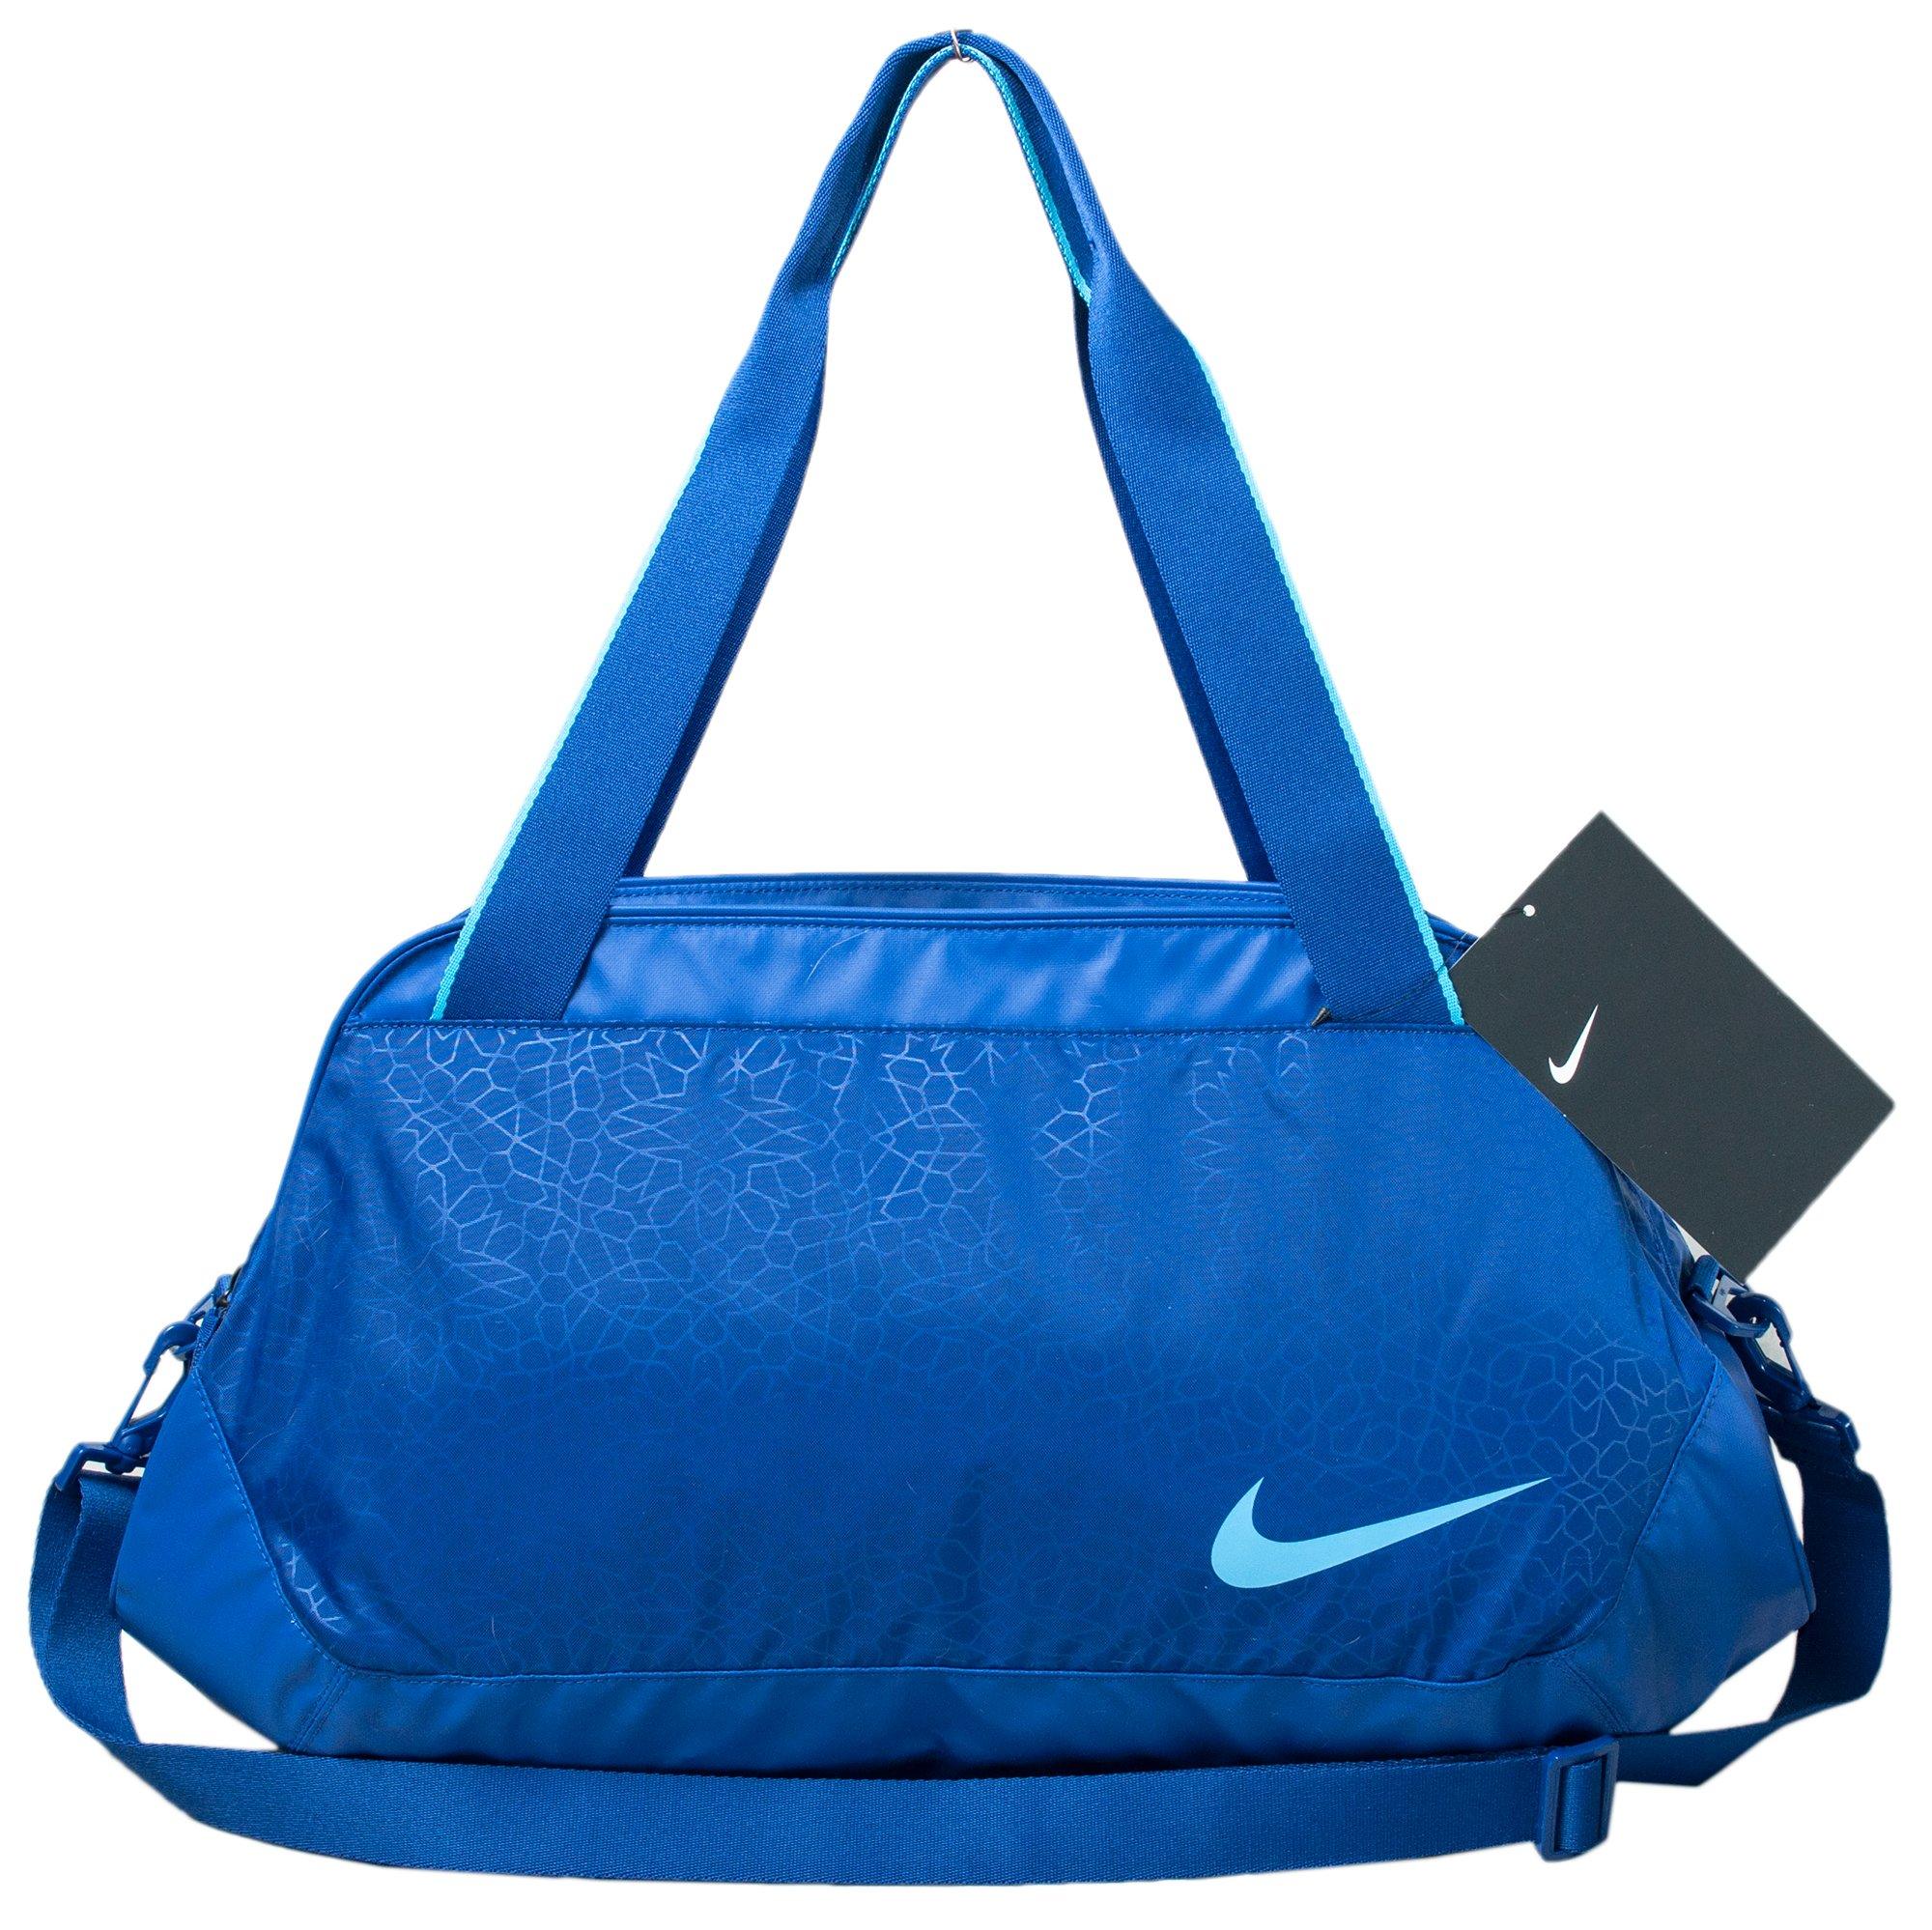 46e89cd20dbfe Nike Idealna Torba Na Fitness Siłownię Basen, Torby i walizki AN-SPORT